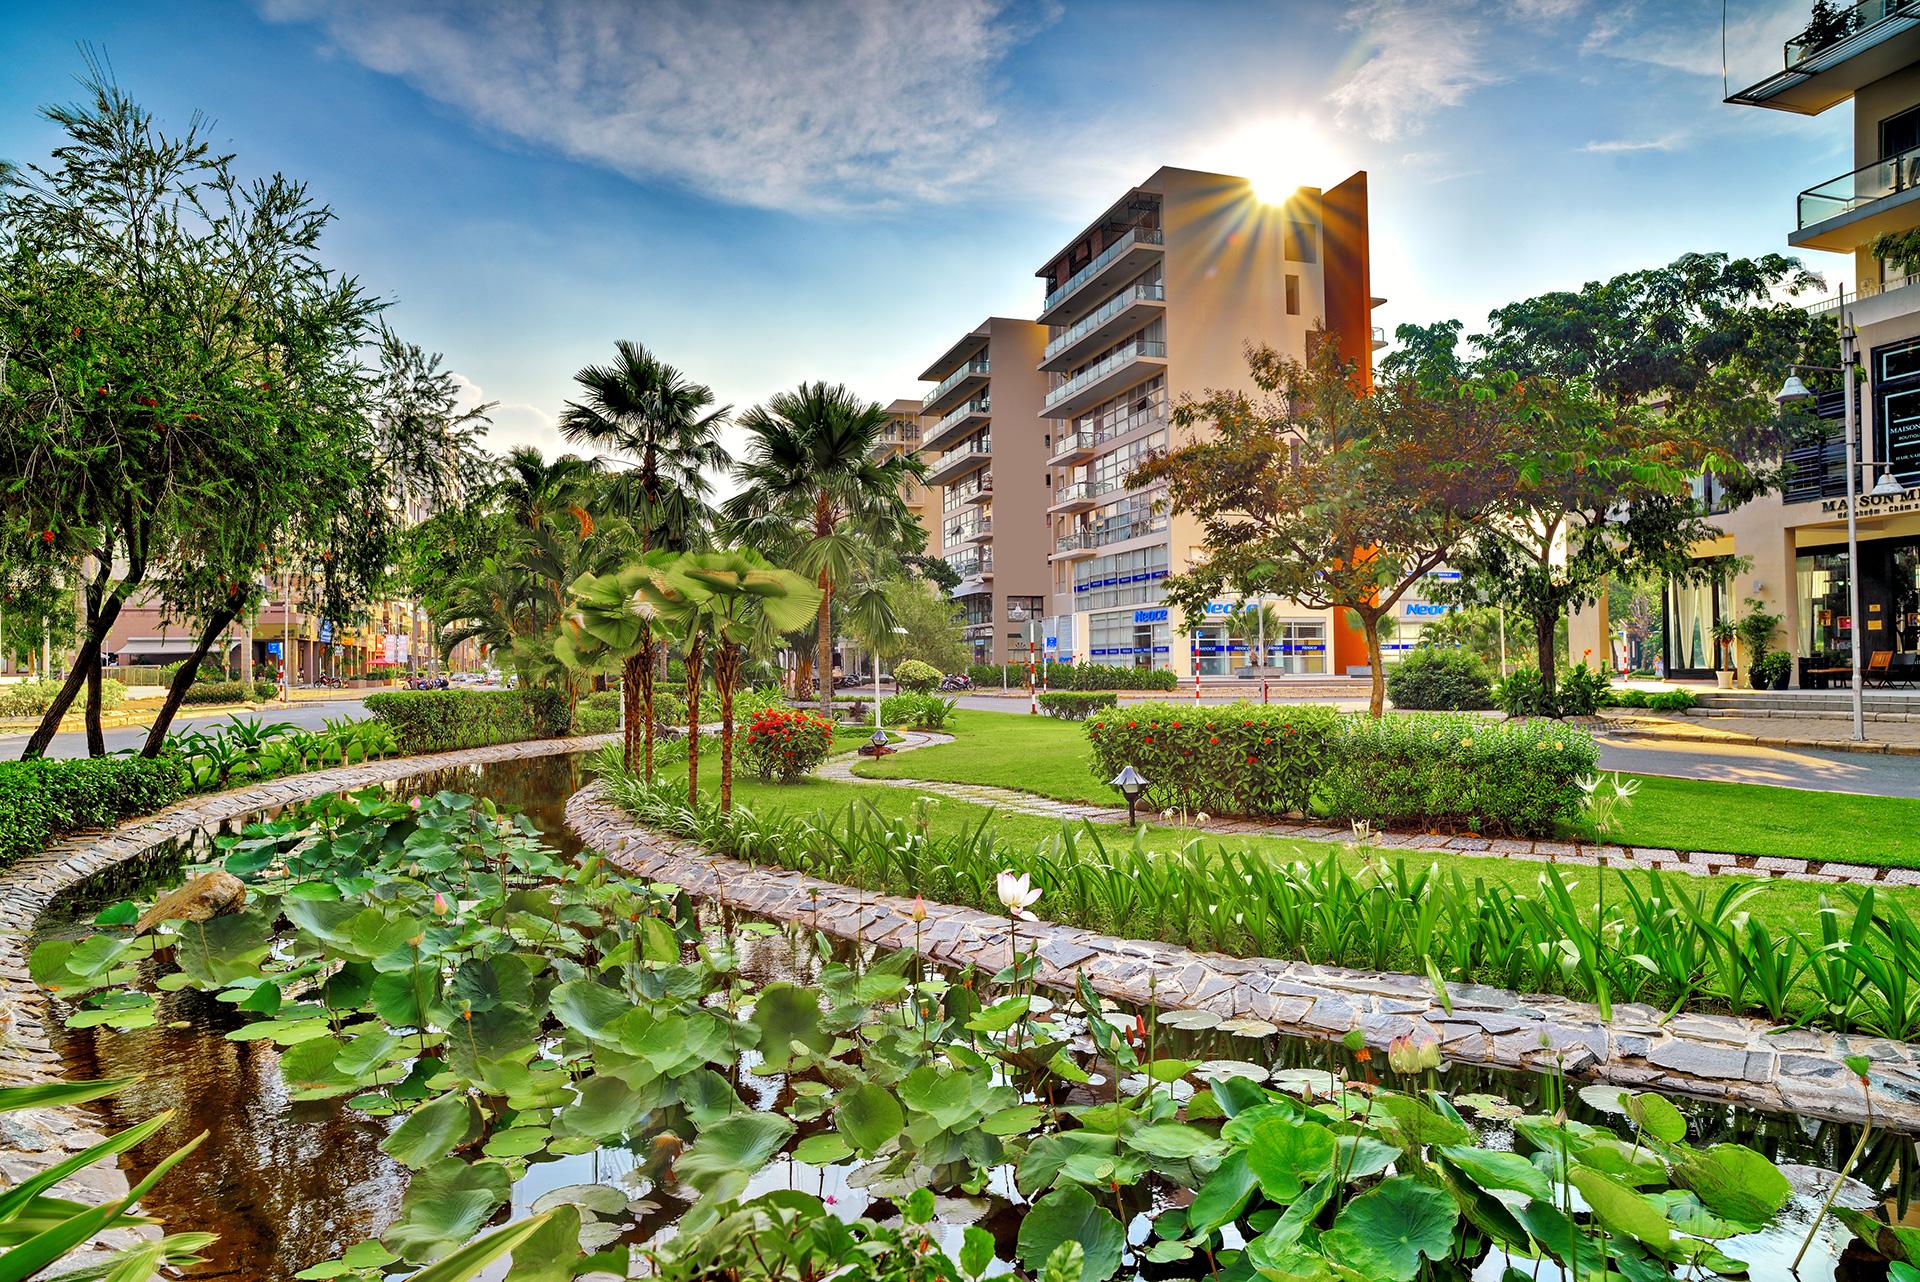 cong vien khu kenh dao 1 - 5 cụm đô thị do Phú Mỹ Hưng phát triển